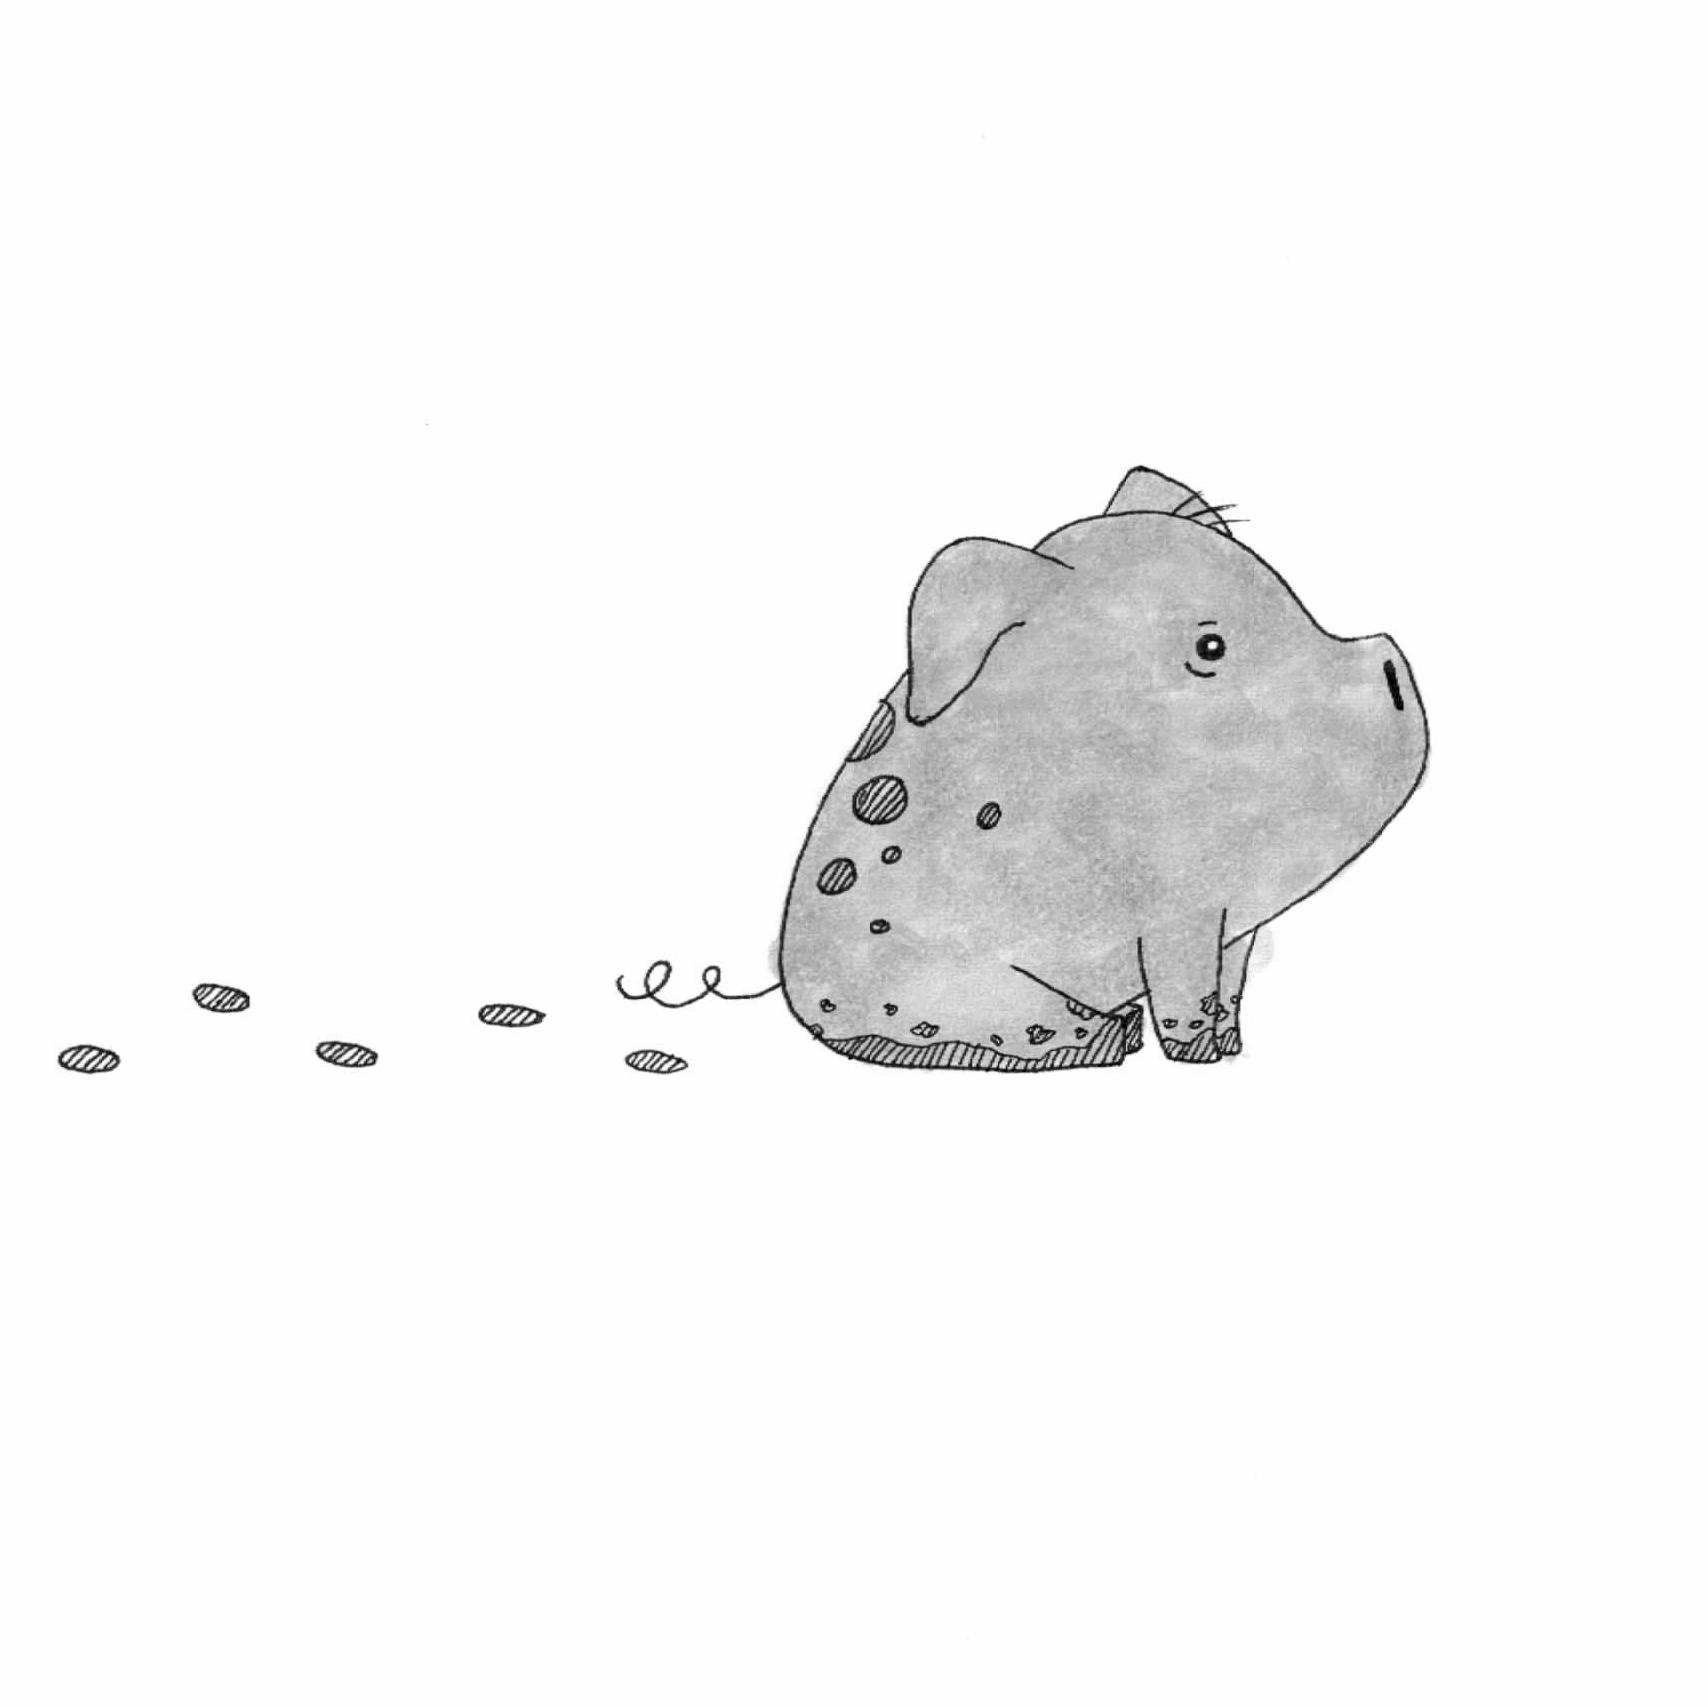 Day 26: Pig